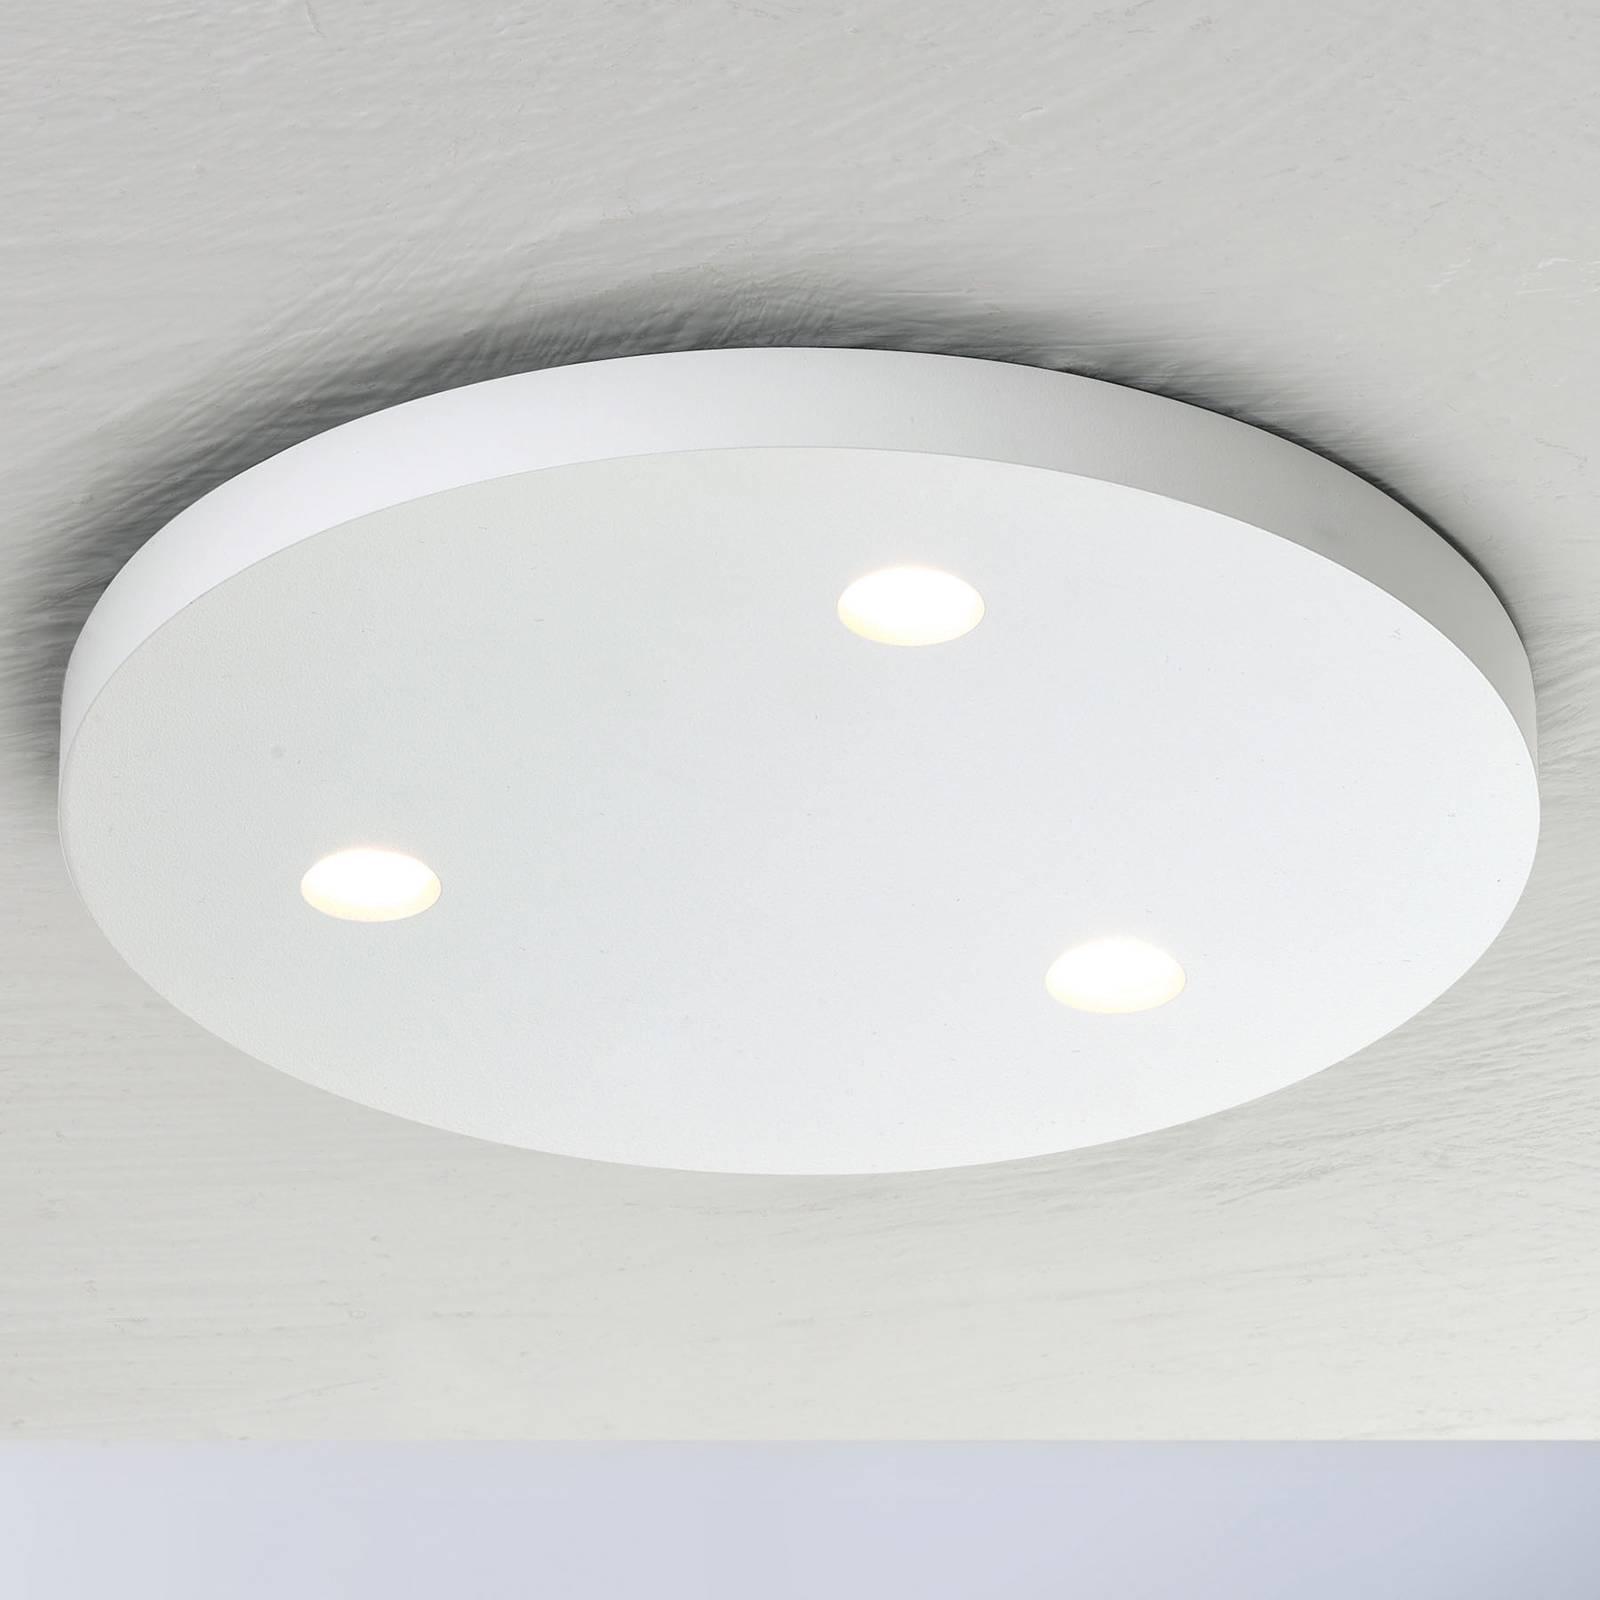 Bopp Close LED-kattovalaisin, 3-lamp, pyöreä valk.